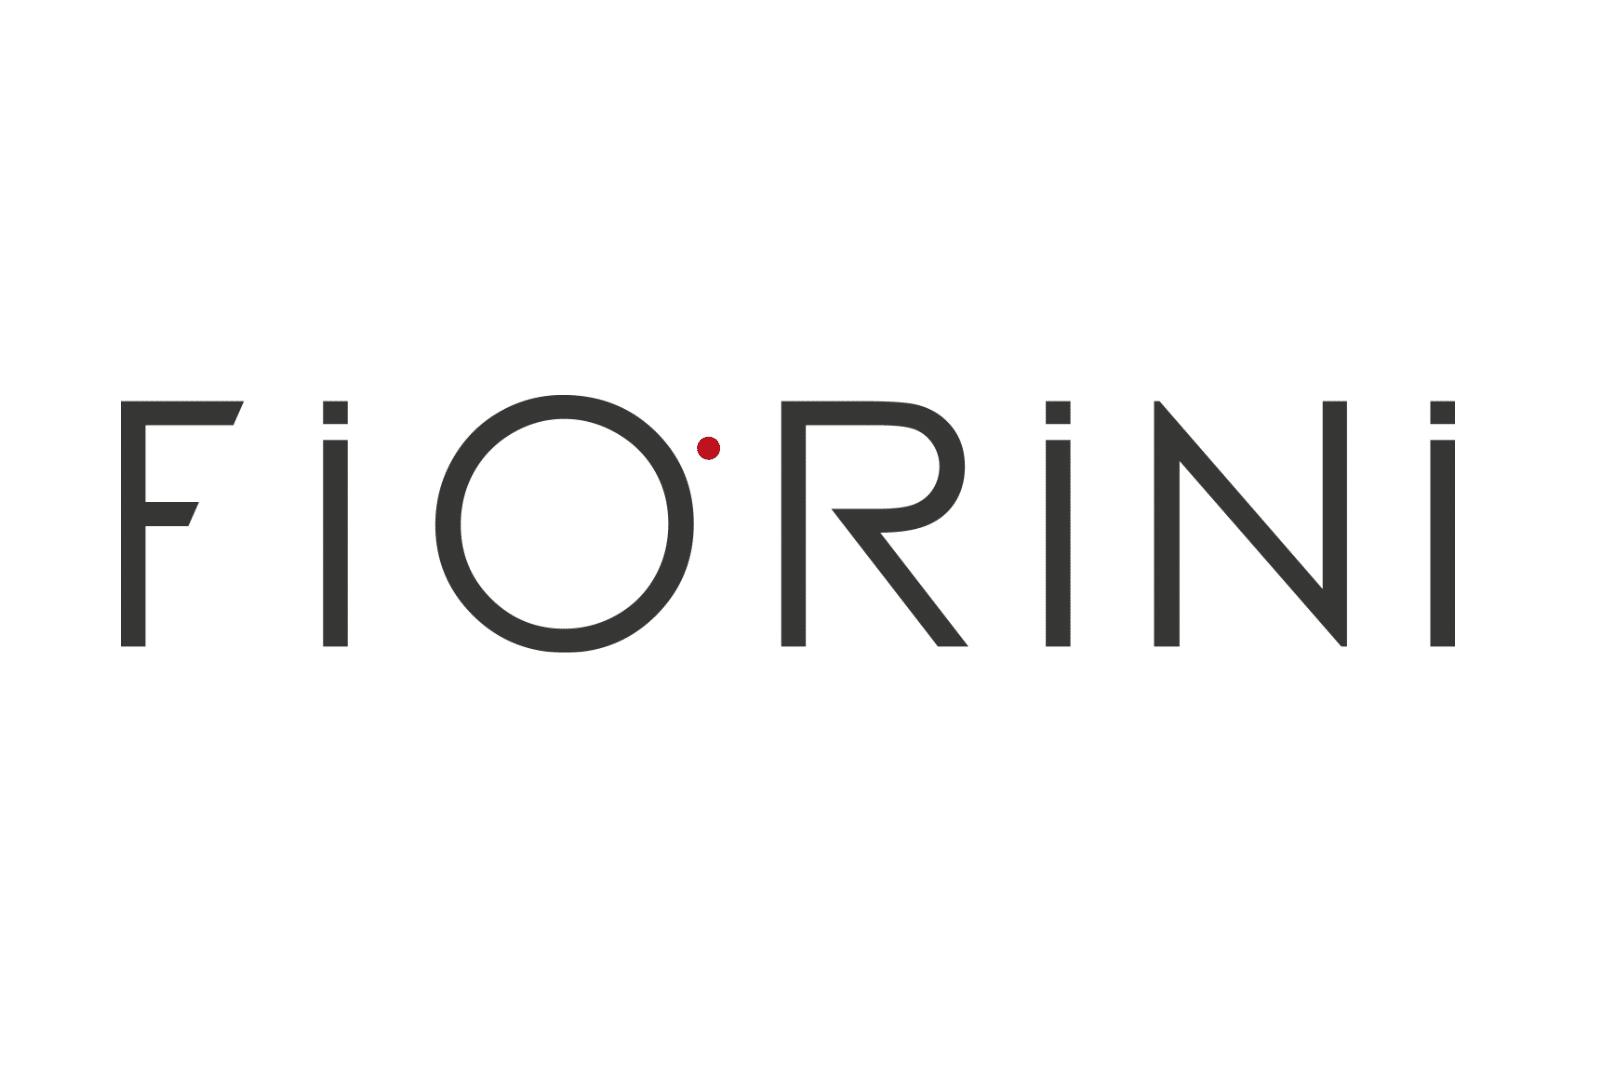 Fiorini-Whitebackbg